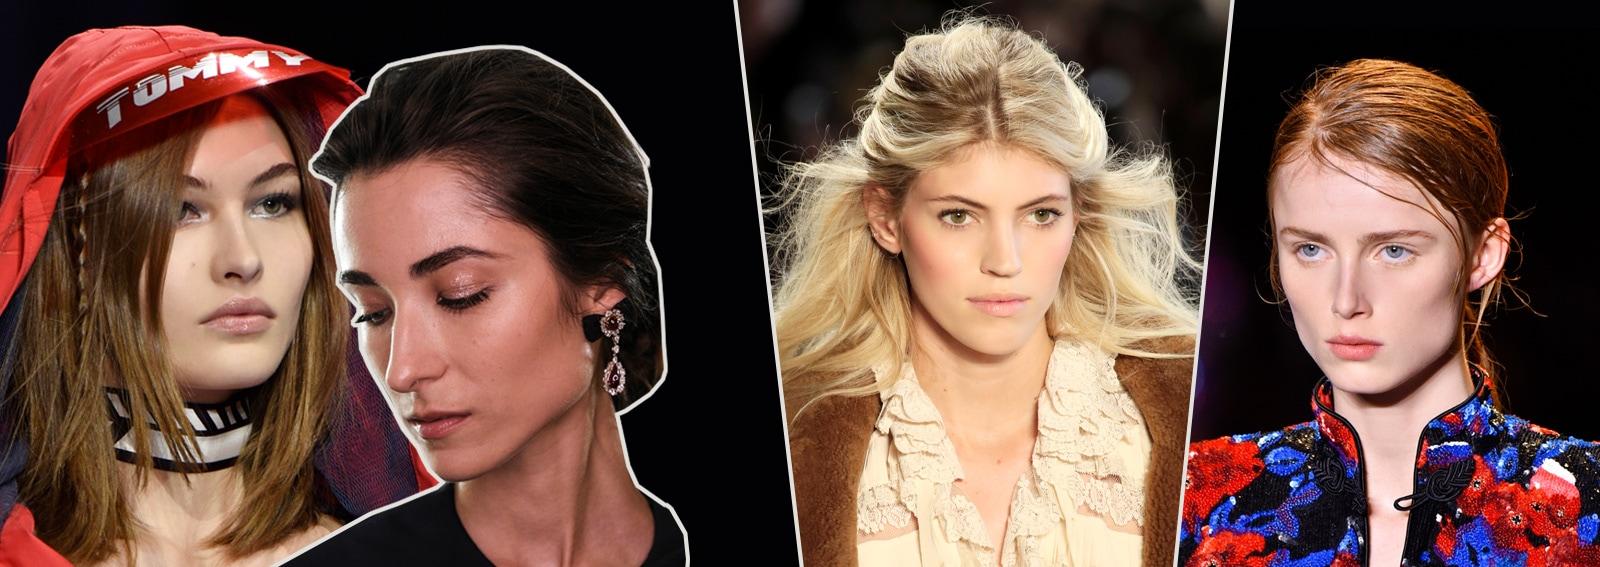 Acconciature zero stress: 7 idee per hairlook facili e veloci